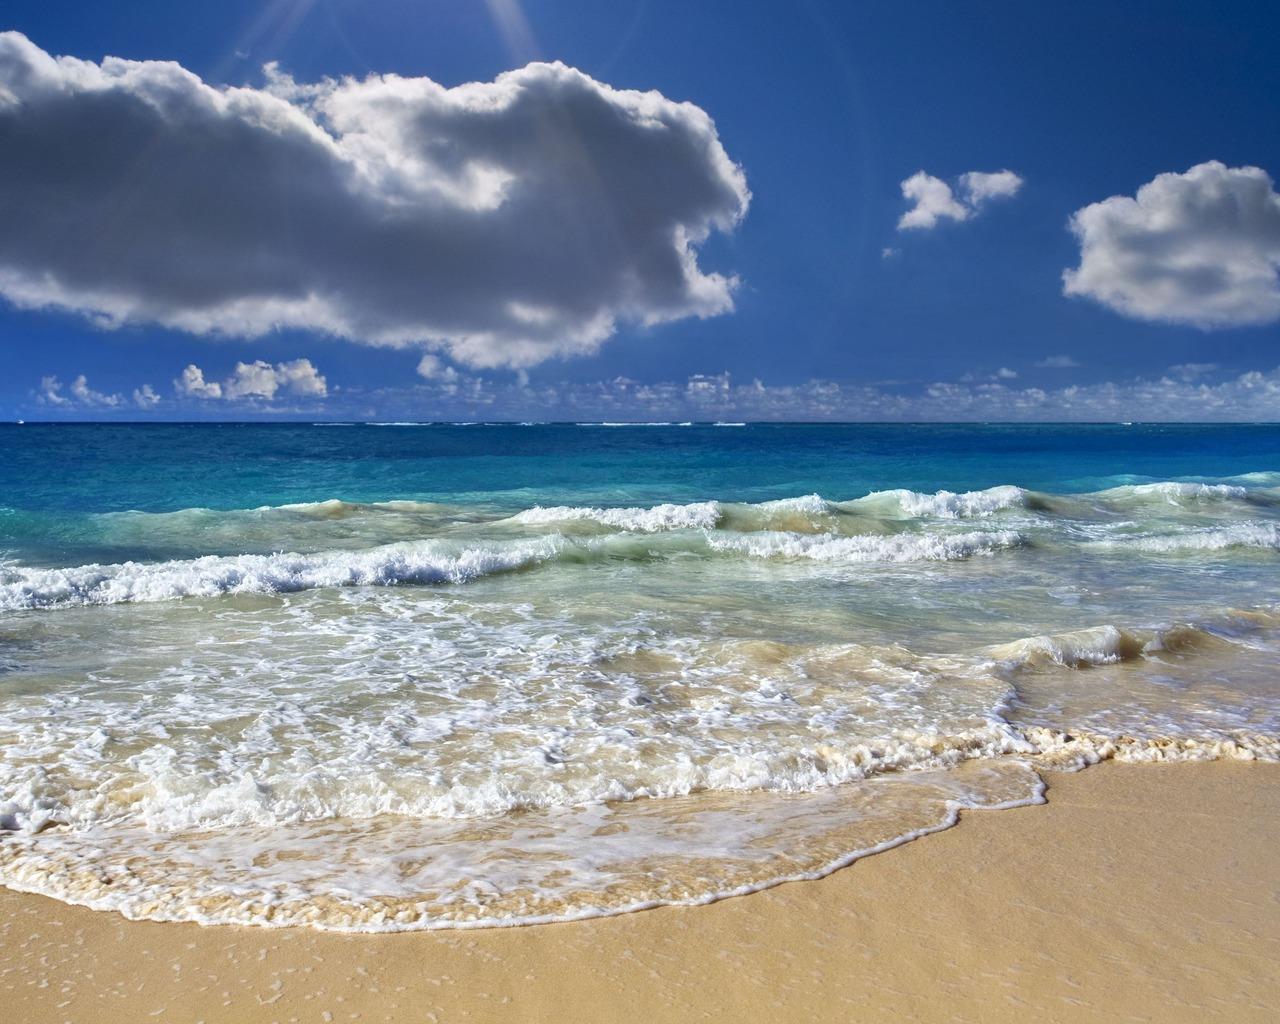 пушин кусочек моря фото чуть переборщить риск